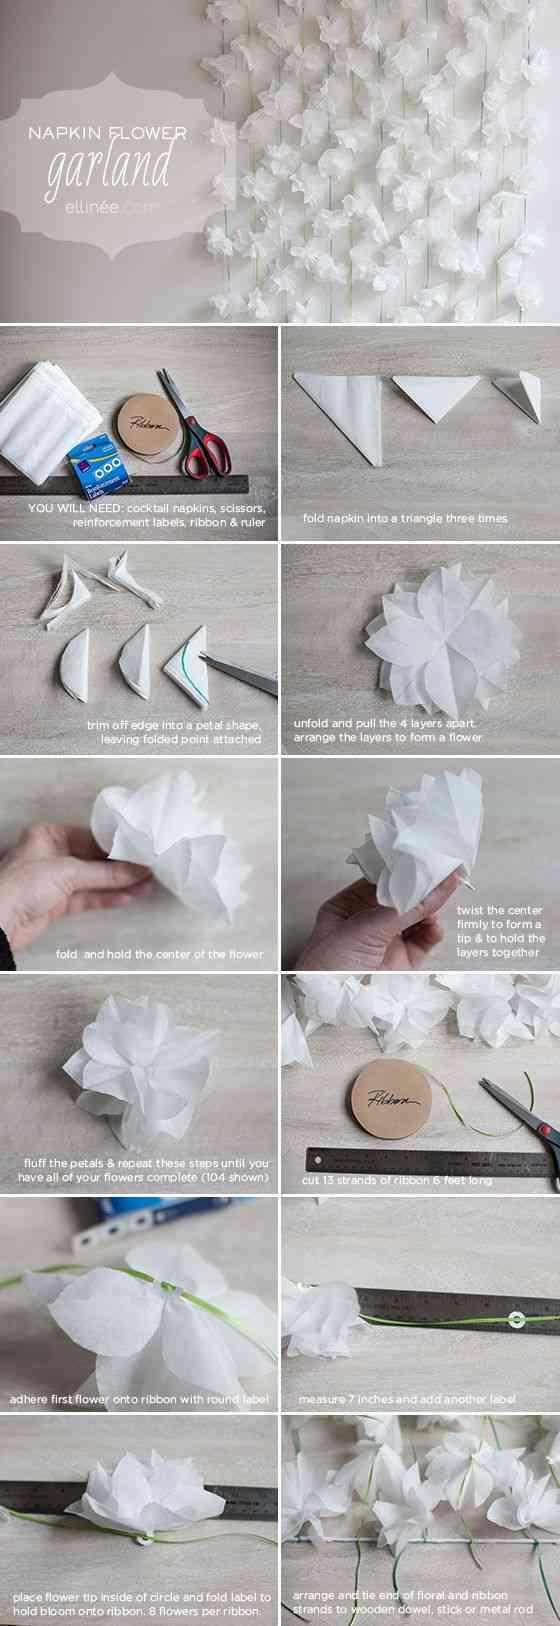 tutorial de cómo hacer flores con servilletas